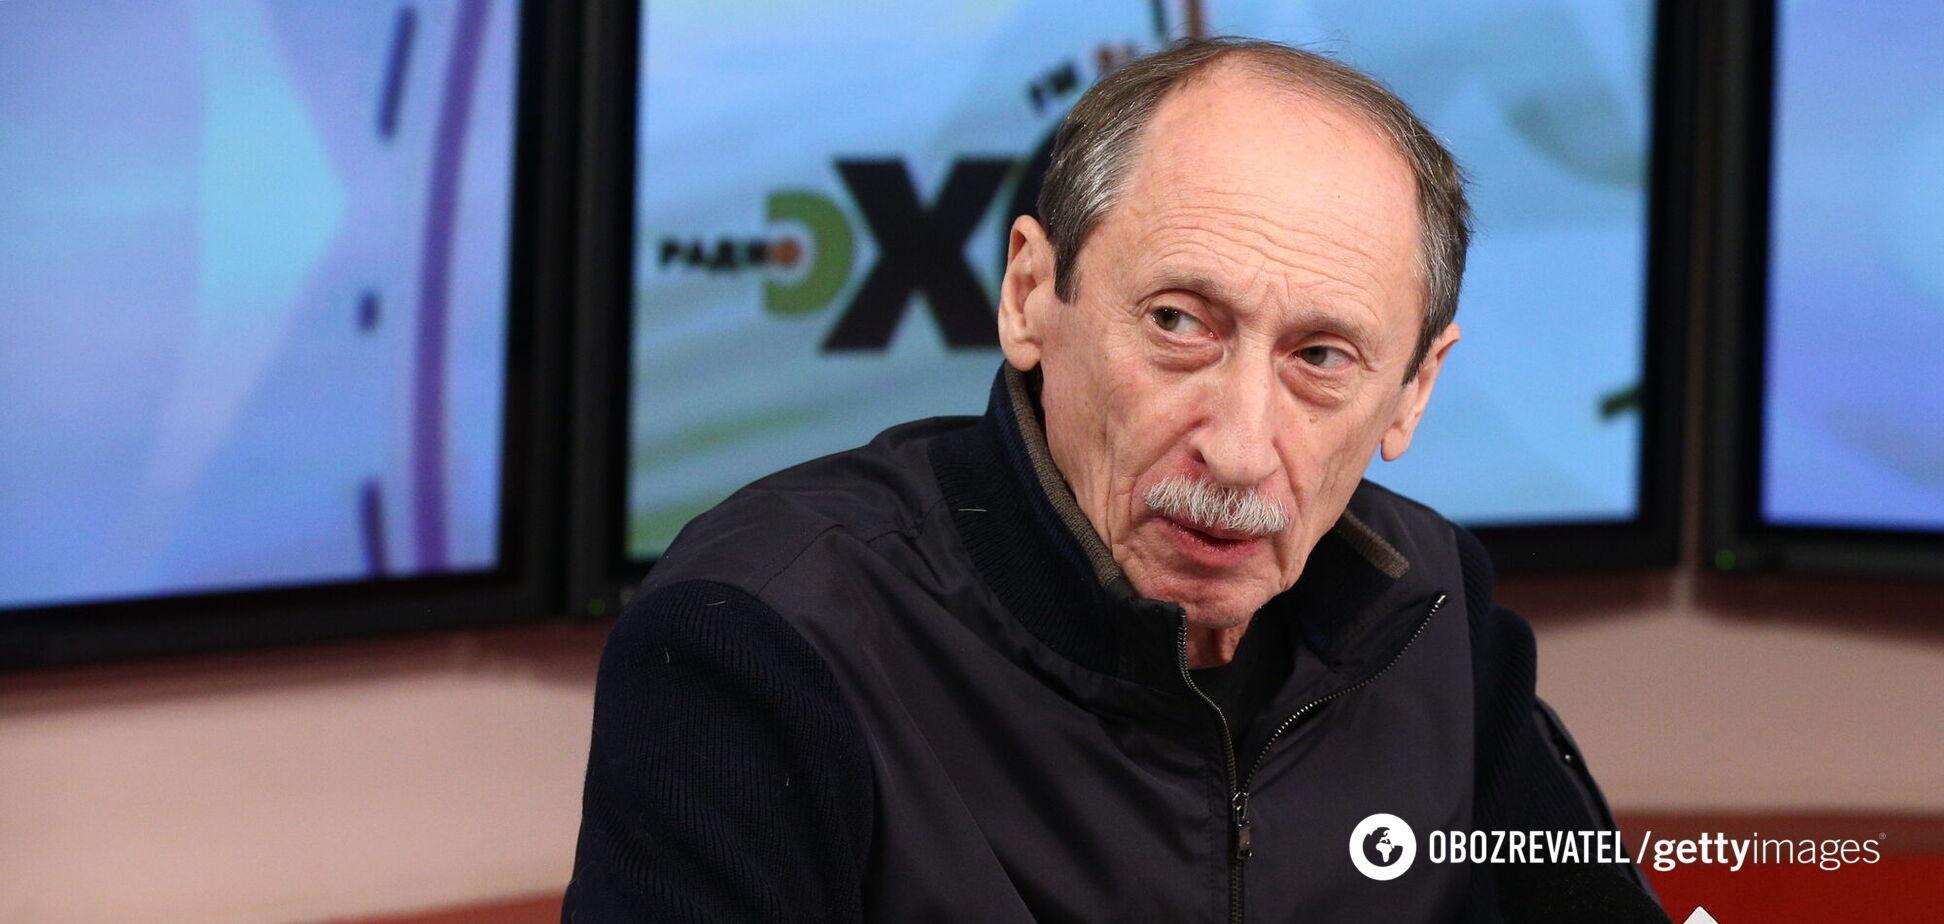 Валентин Балахничев помогал скрывать положительные допинг-пробы спортсменов из РФ